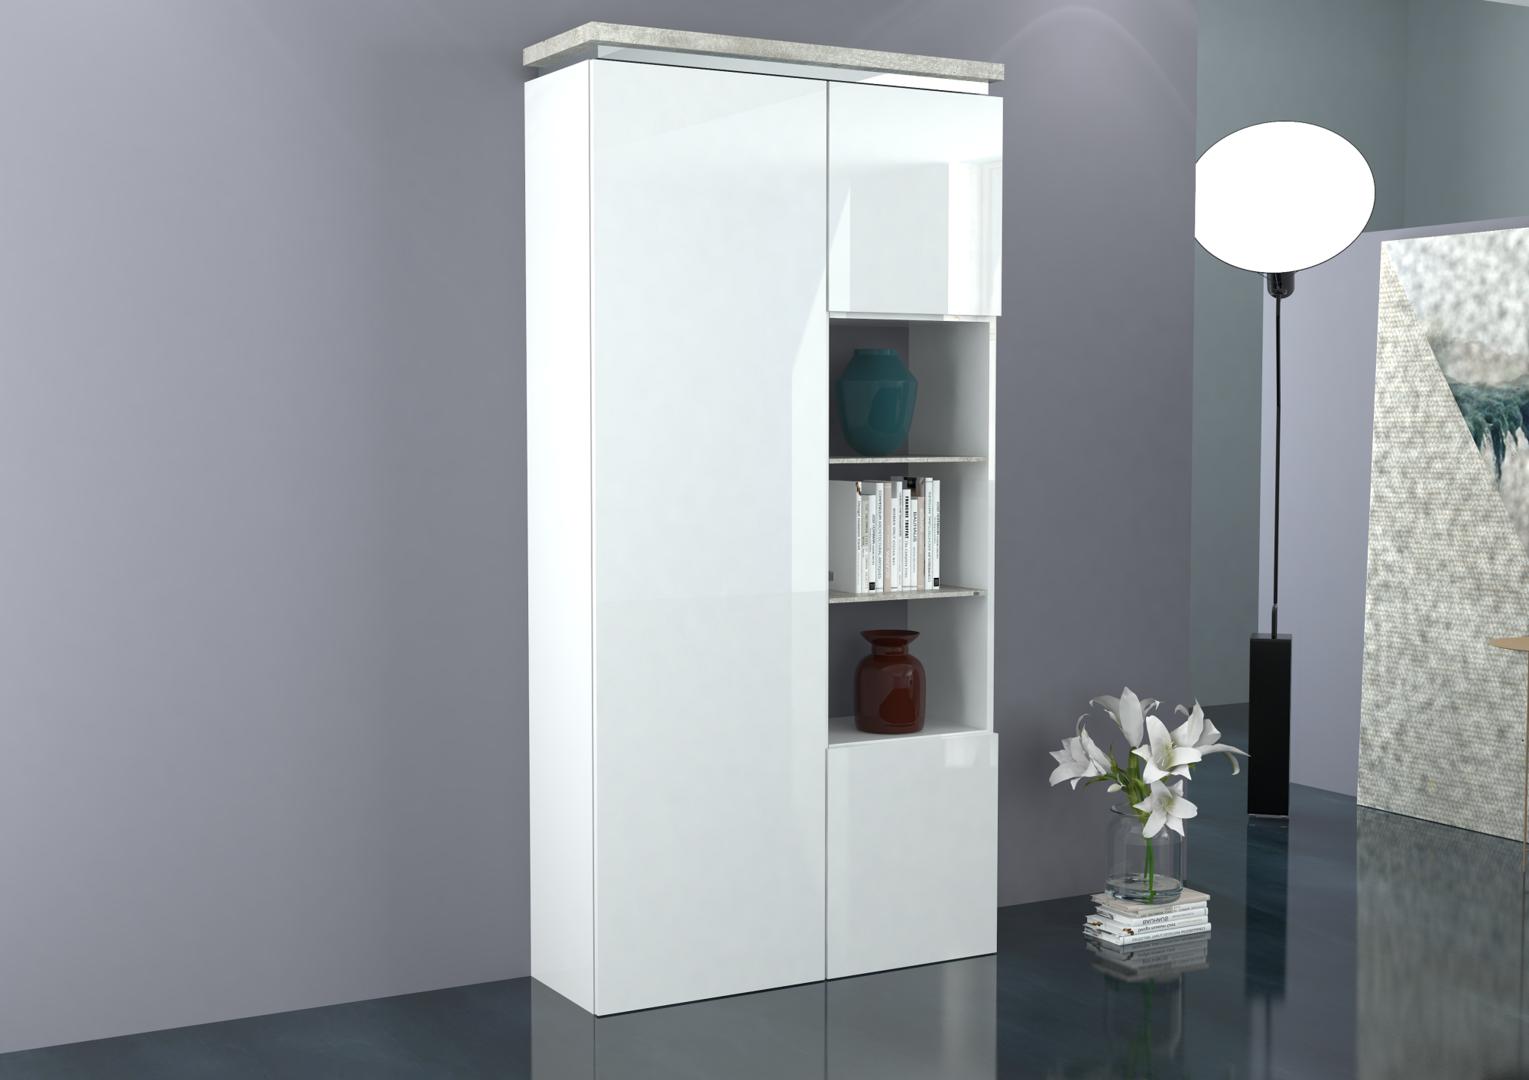 Credenza Camera Da Pranzo : Credenza sala da pranzo moderna houzz camere letto mobile per